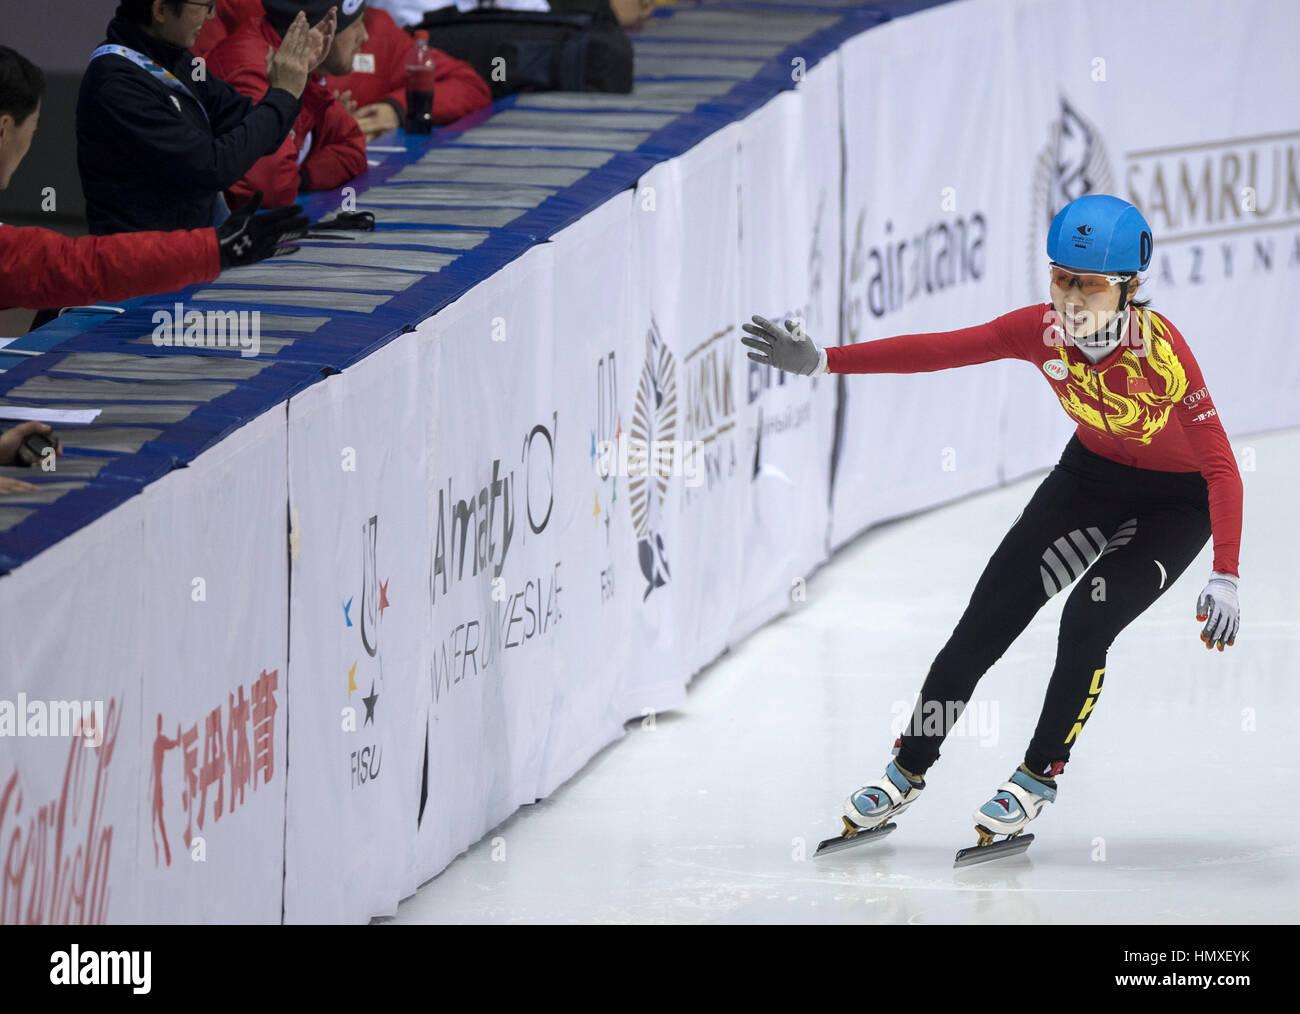 Almaty, Kazakhstan. 6th Feb, 2017. Zang Yize of China celebrates after winning Ladies' 500M Final of Short Track - Stock Image